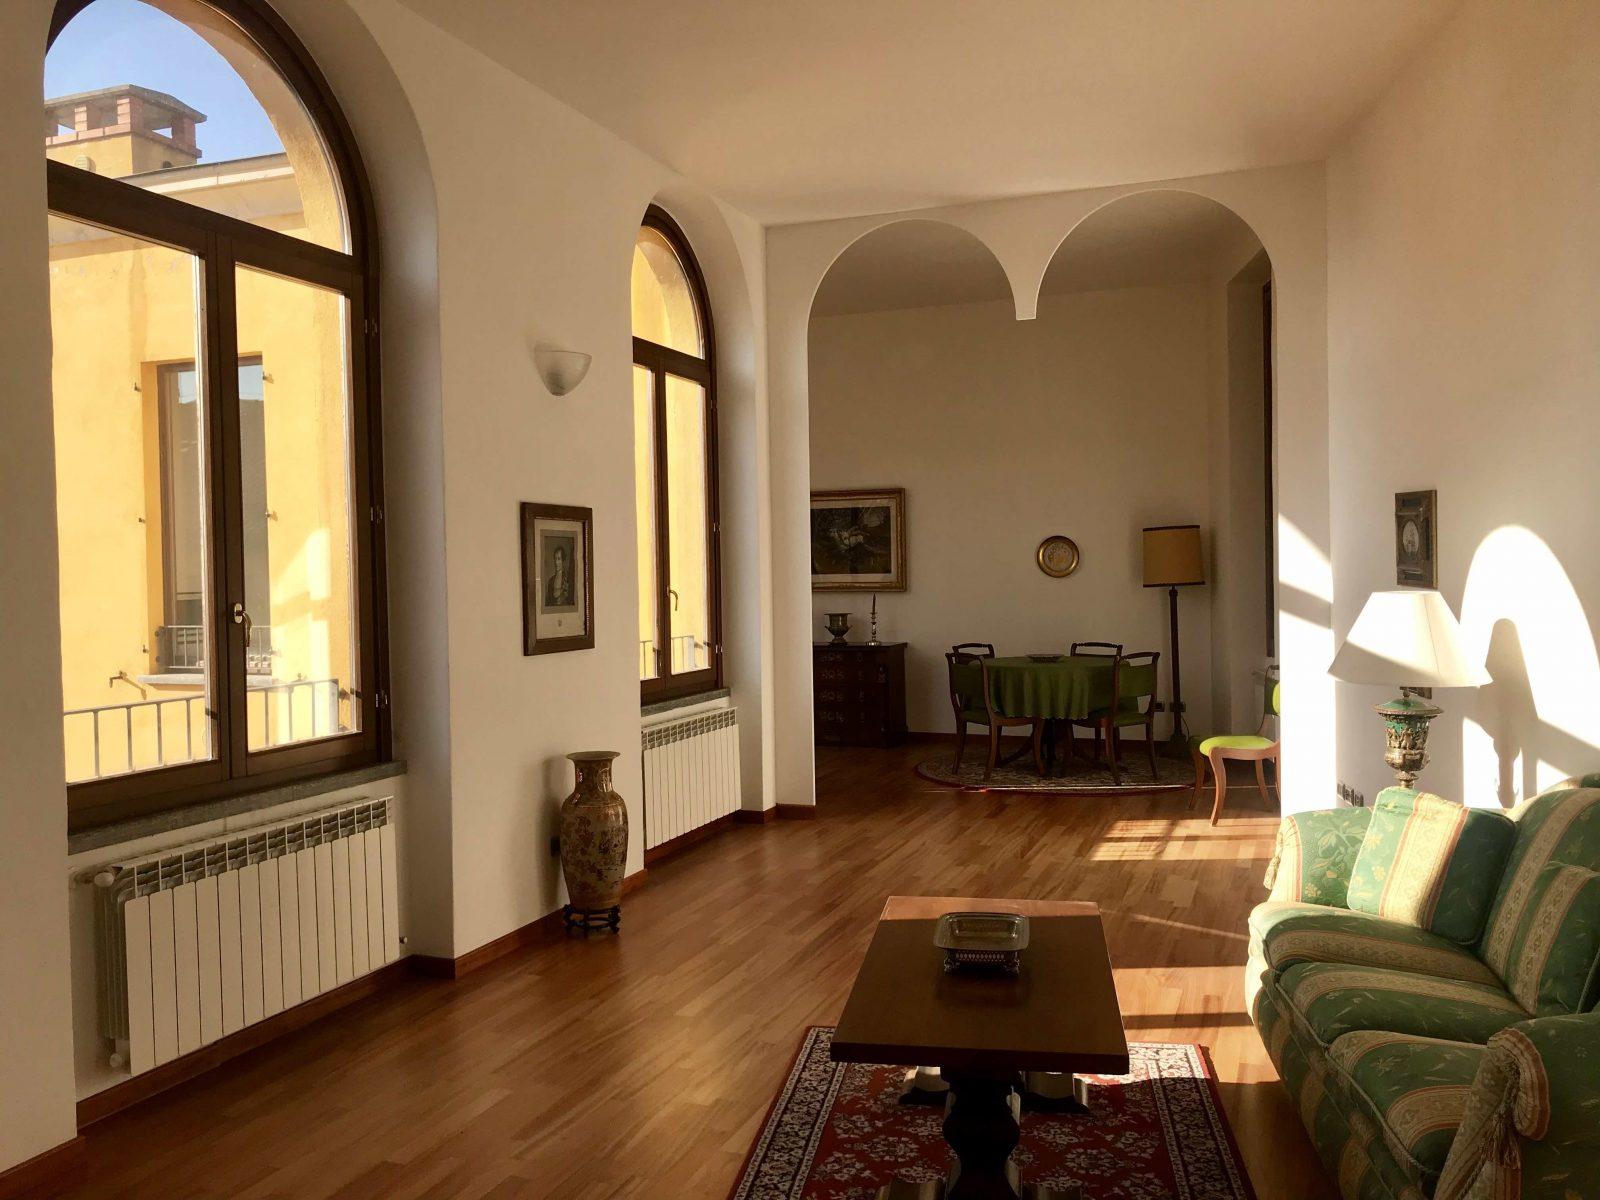 Vendesi nuovi appartamenti in casa d'epoca ad Appiano Gentile